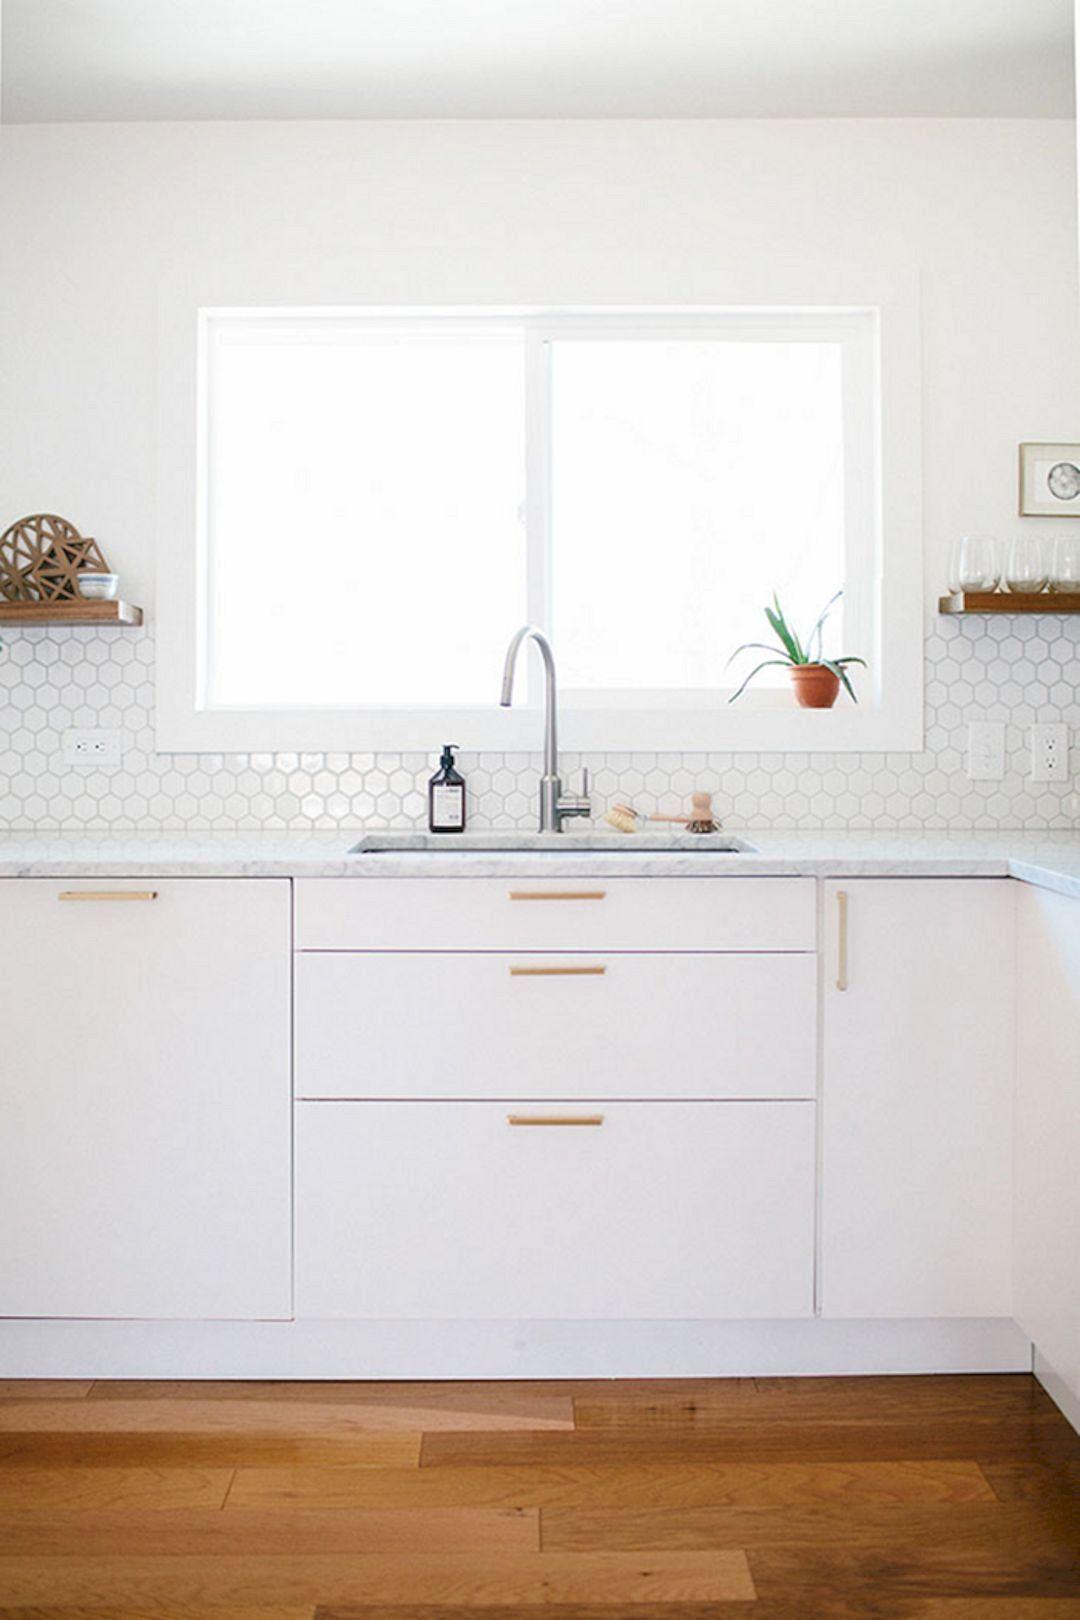 Stylish Modern Kitchen Cabinet: 127 Design Ideas  Https://www.futuristarchitecture.